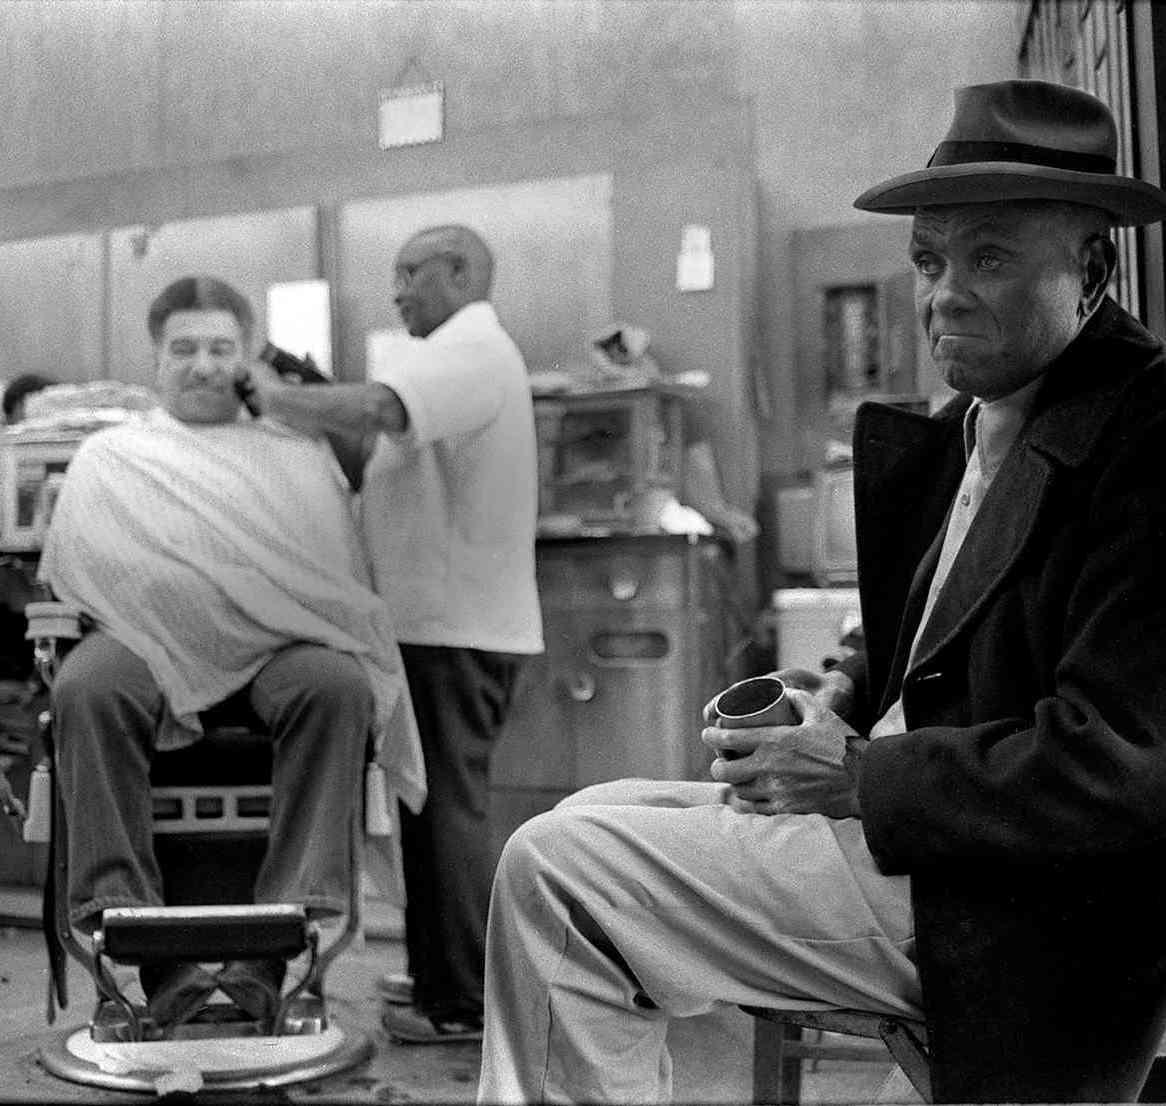 Dix's Barber Shop at 342 S Rampart Street. Harold F. Baquet